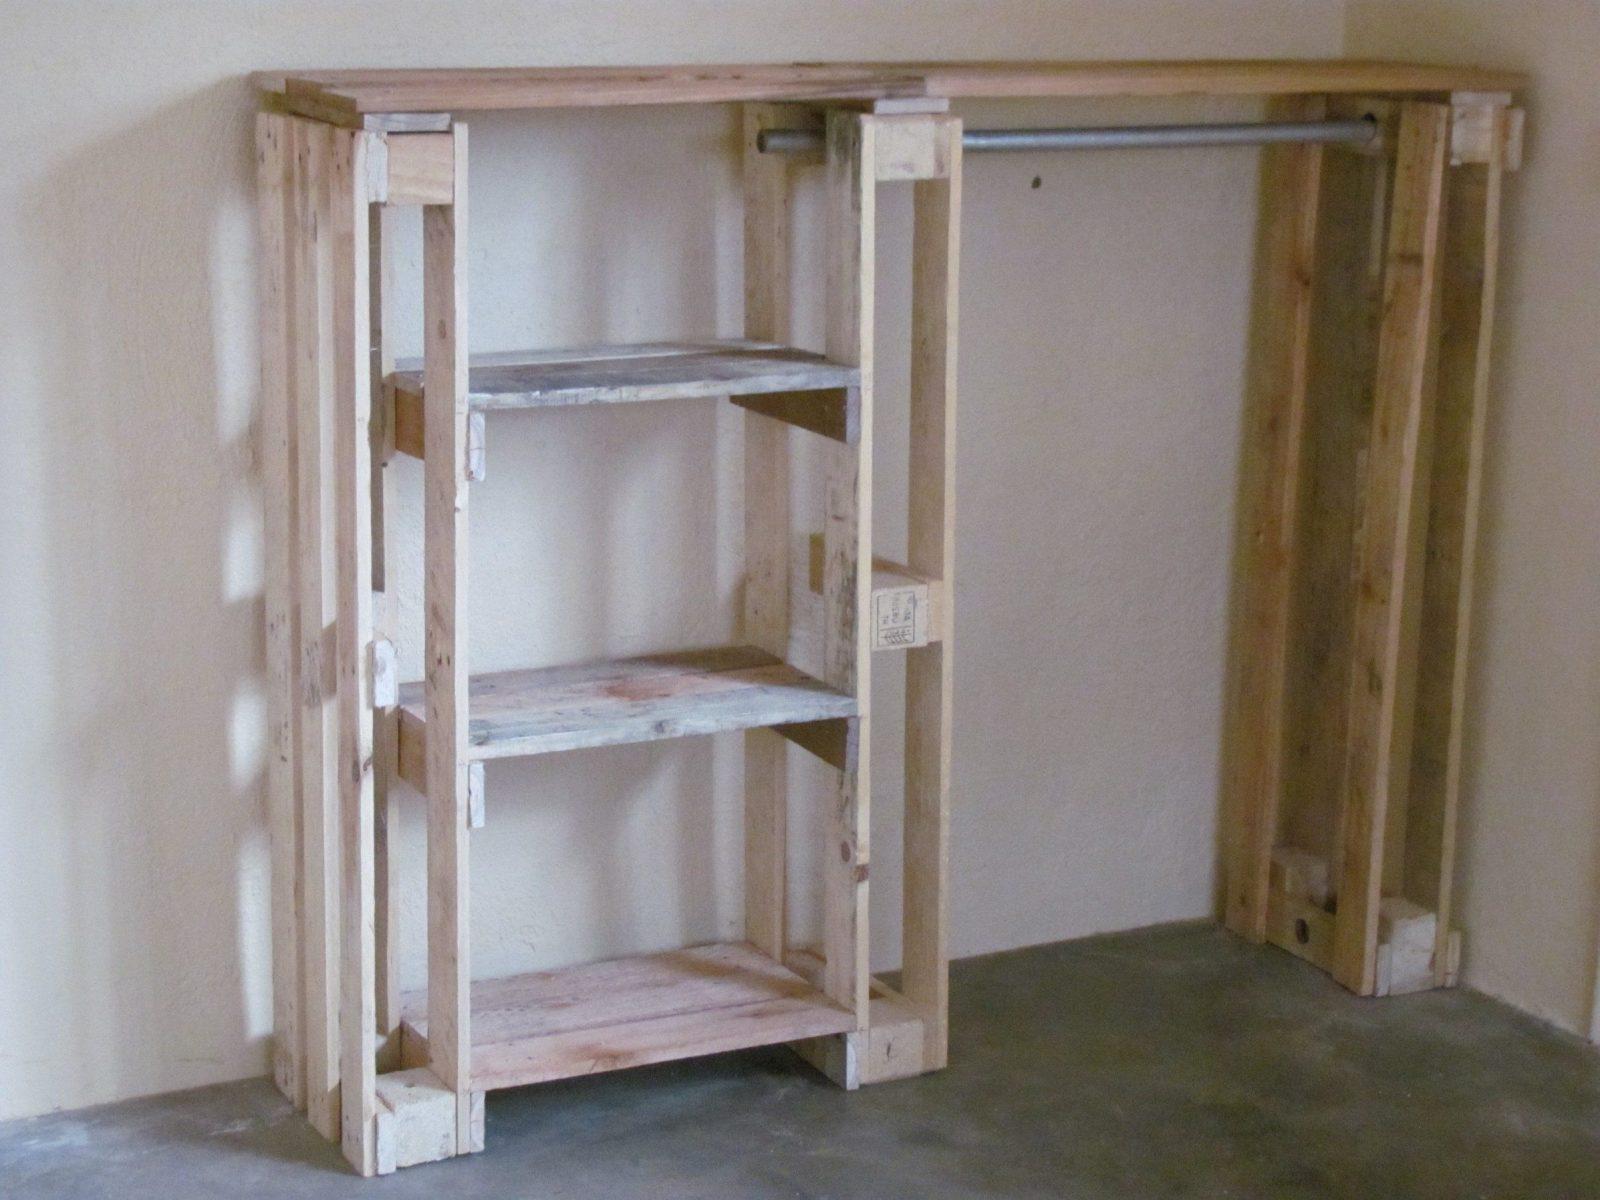 Garderobe Ikea Selber Bauen Garderobe Selber Bauen Aus Paletten